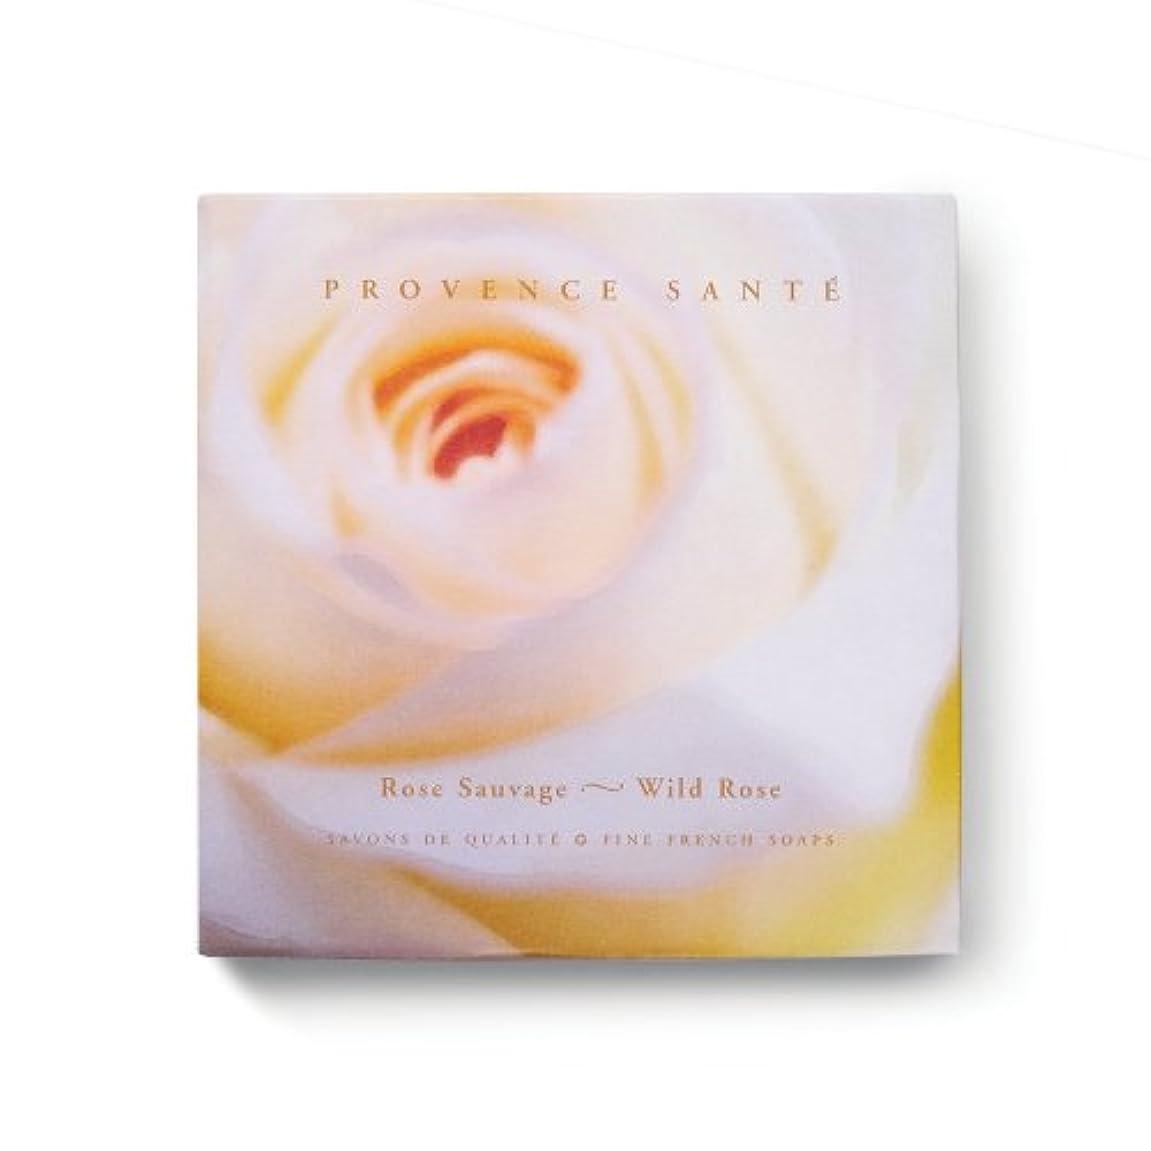 コインランドリーストローク想起Provence Sante PS Gift Soap Wild Rose, 2.7oz 4 Bar Gift Box by Provence Sante [並行輸入品]